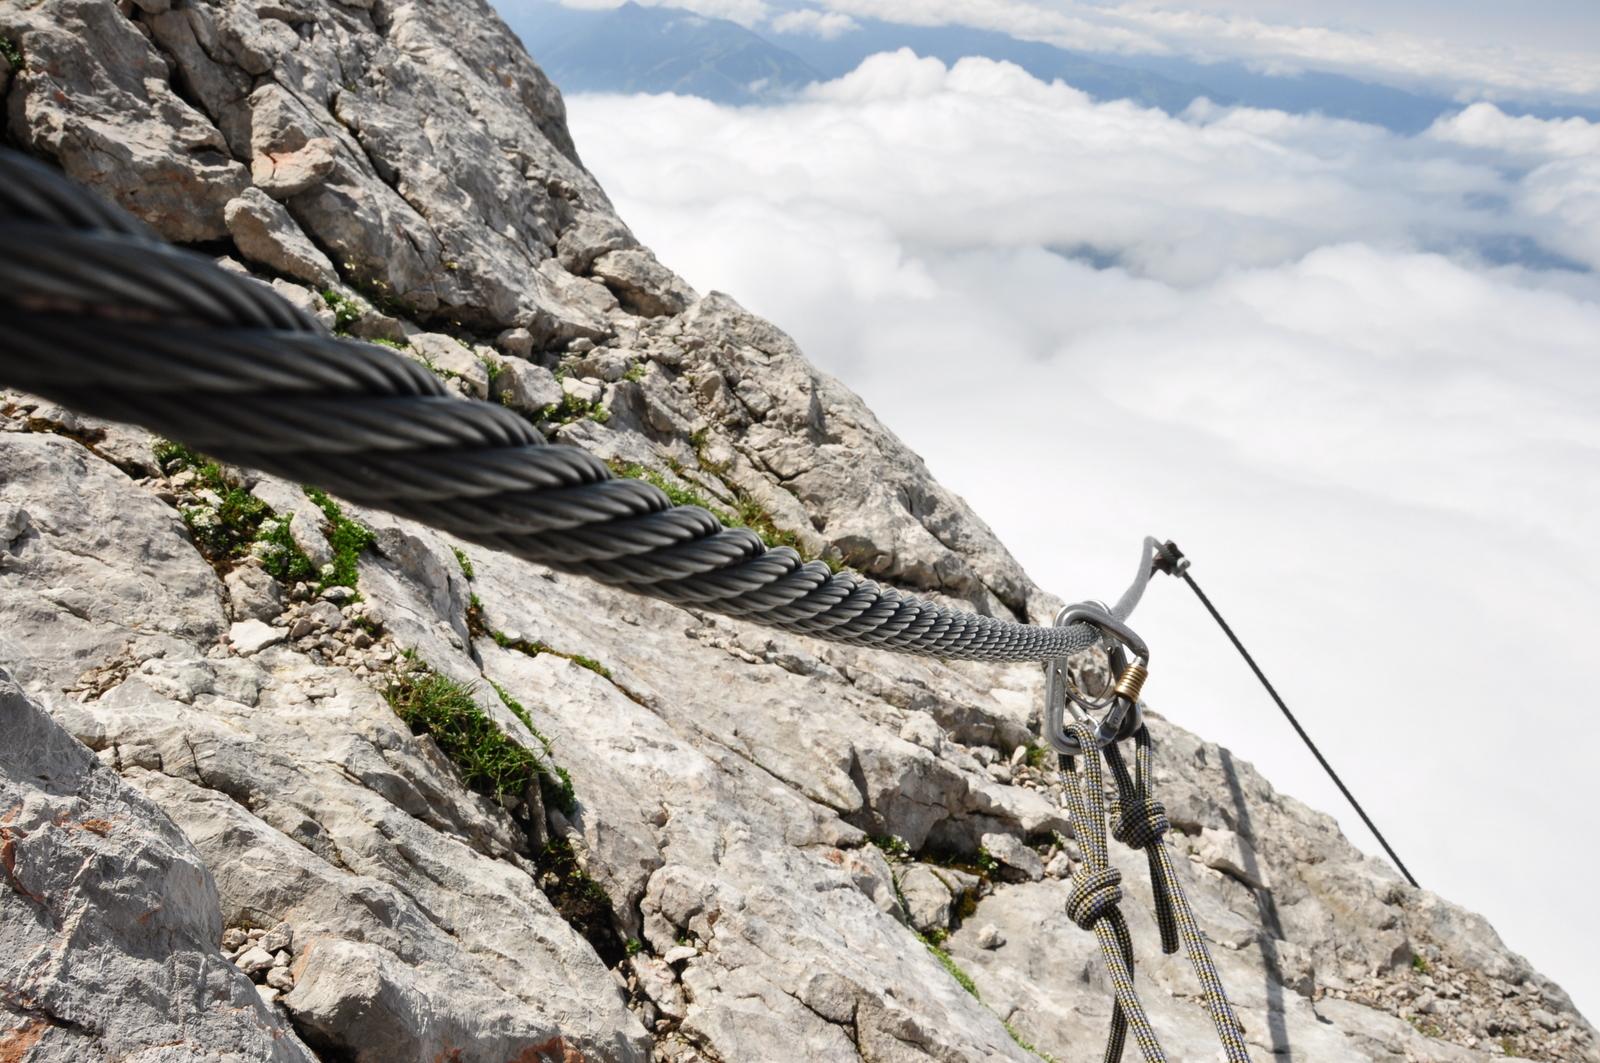 Klettersteigkurs am König der Steiermark